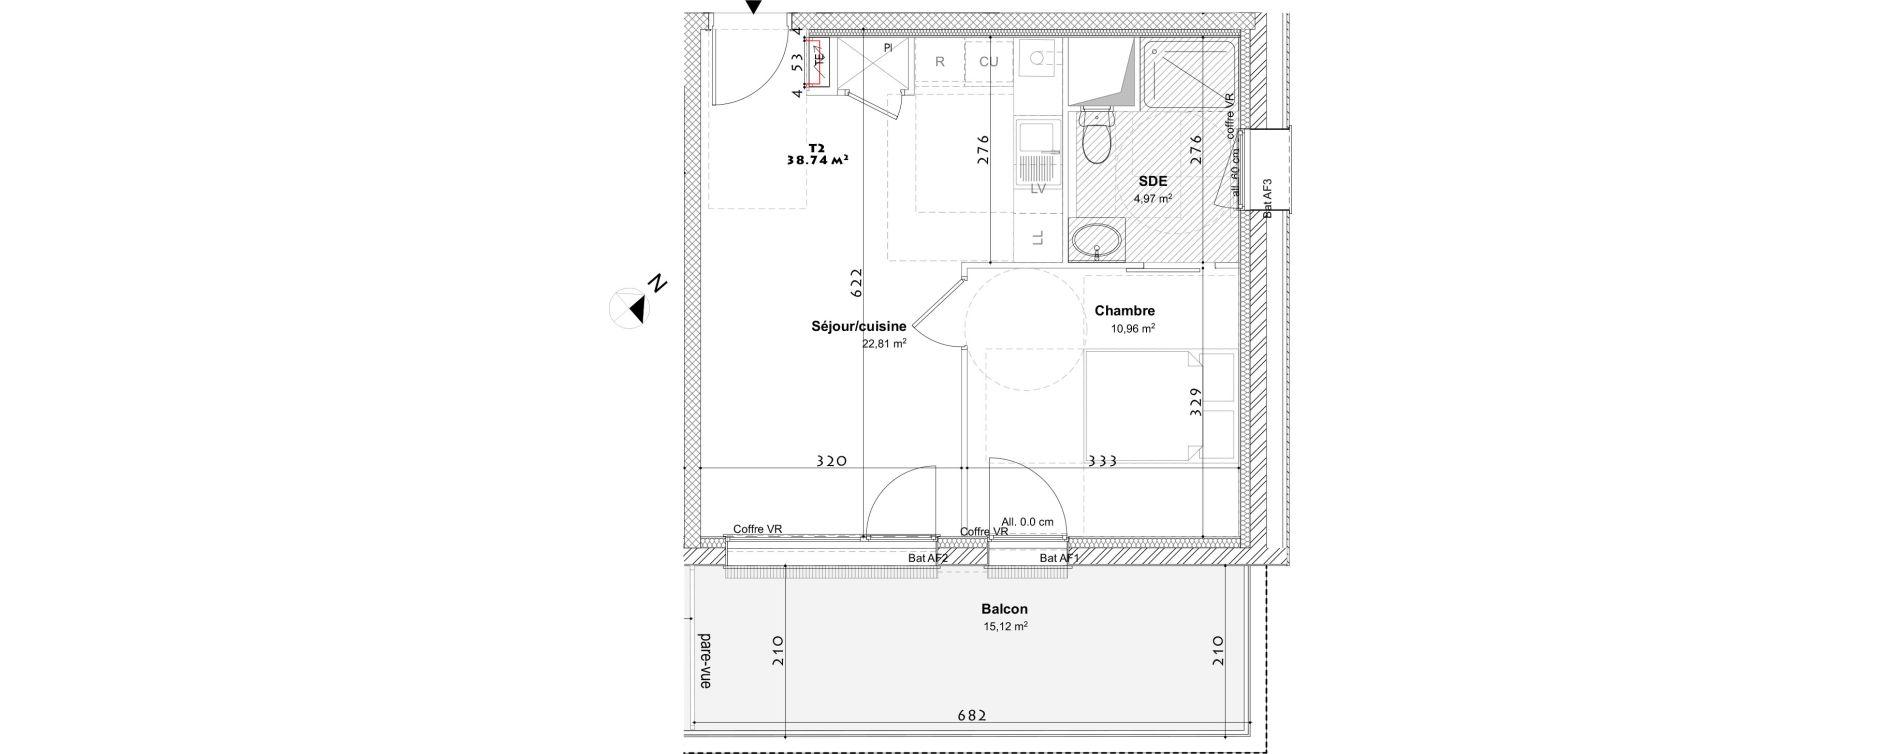 Appartement T2 de 38,74 m2 à Laxou Centre